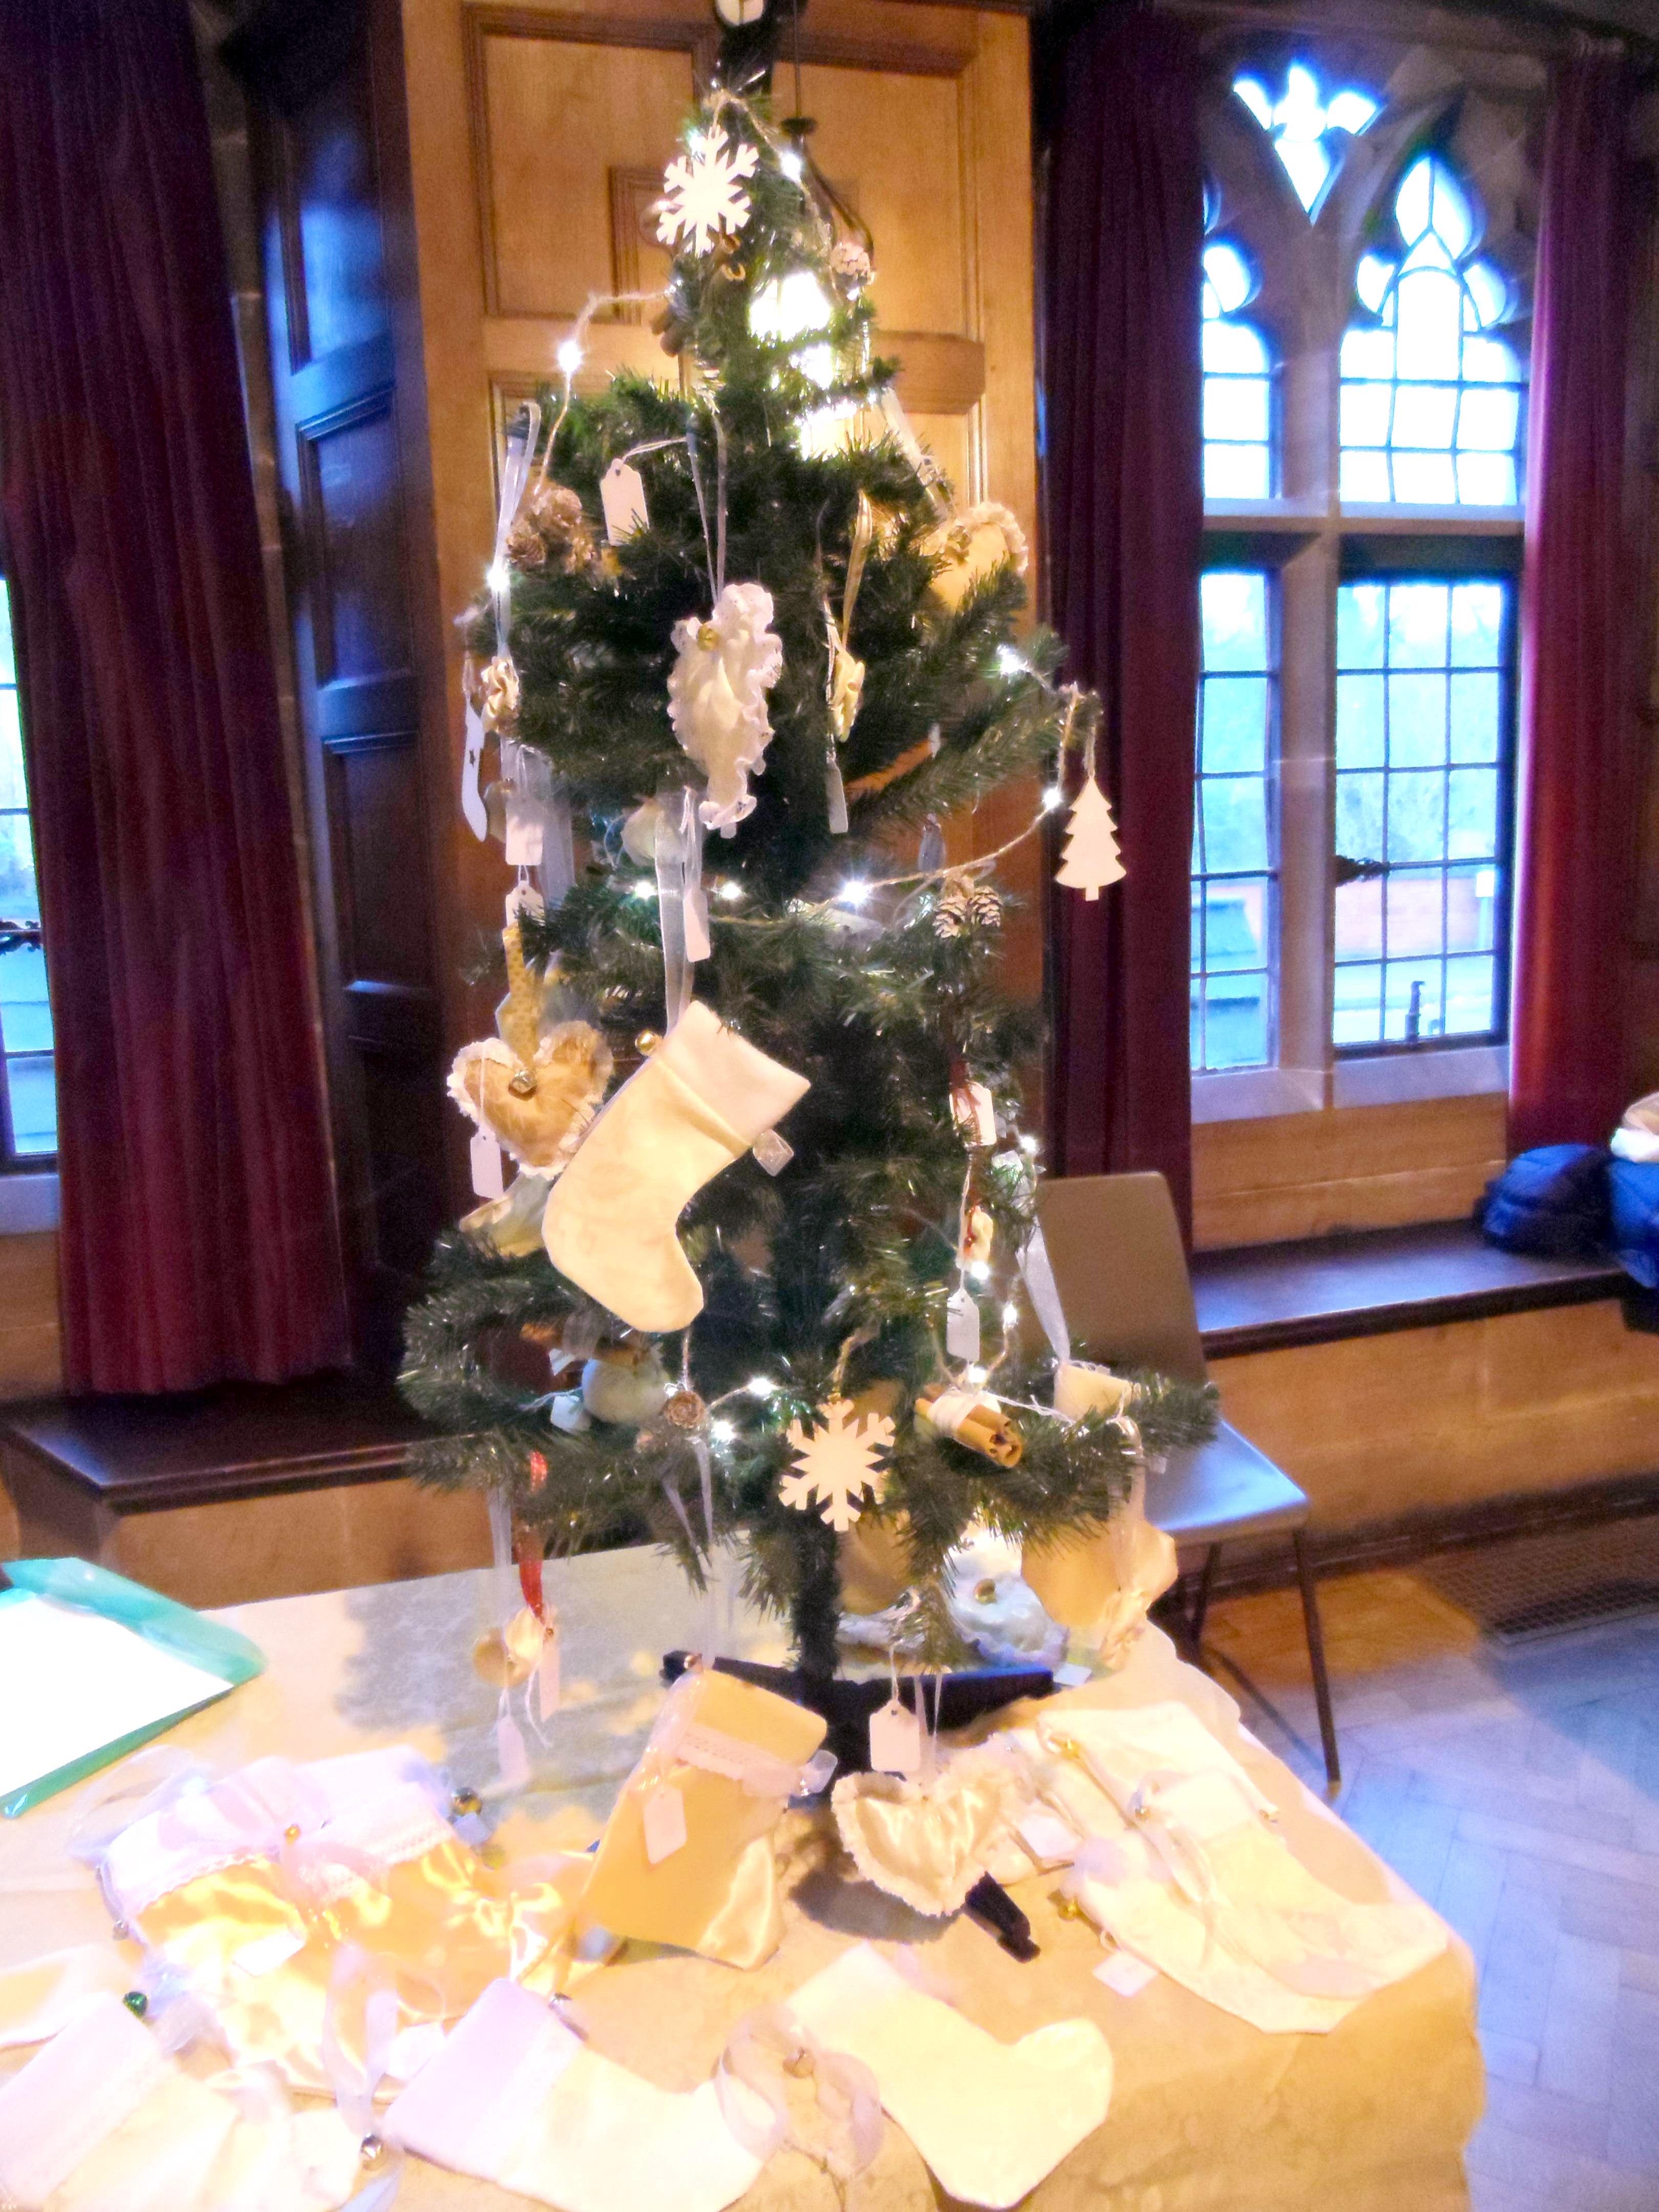 Christmas tree with Christmas stockings at Christmas Fun Day 2018